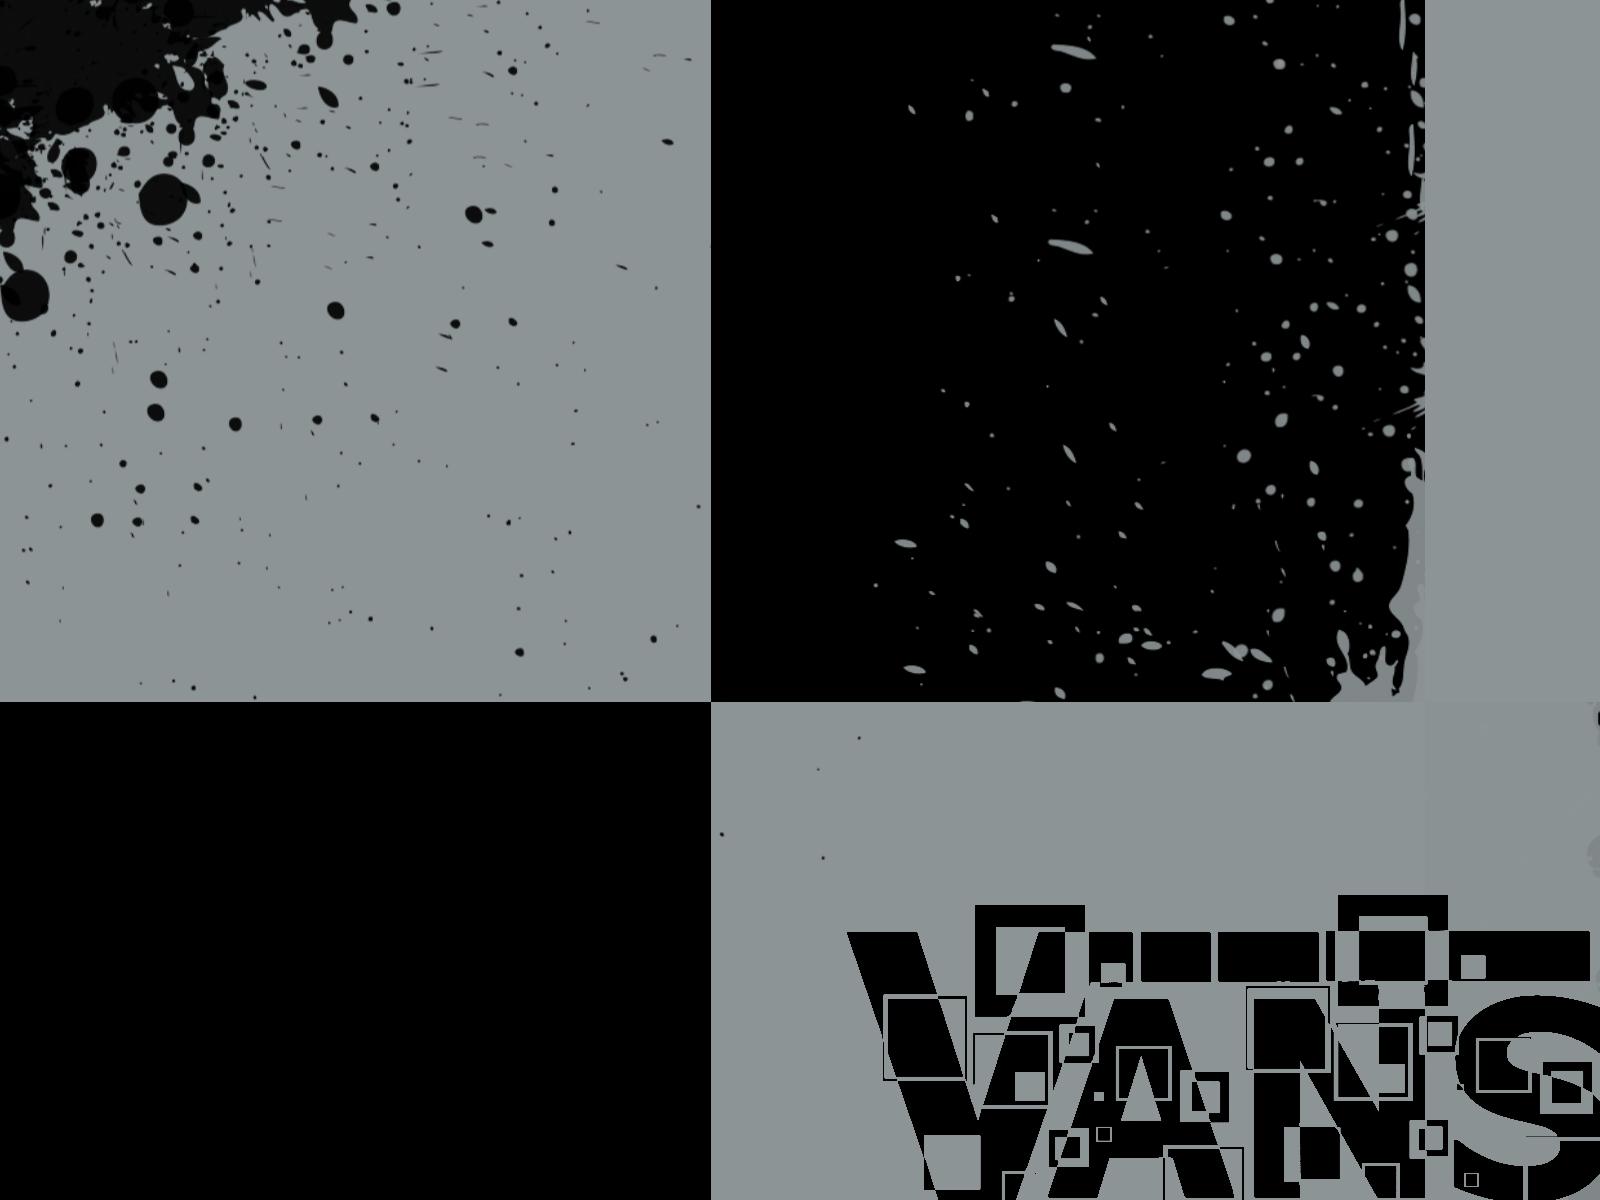 Another VANS Wallpaper By Nazkam